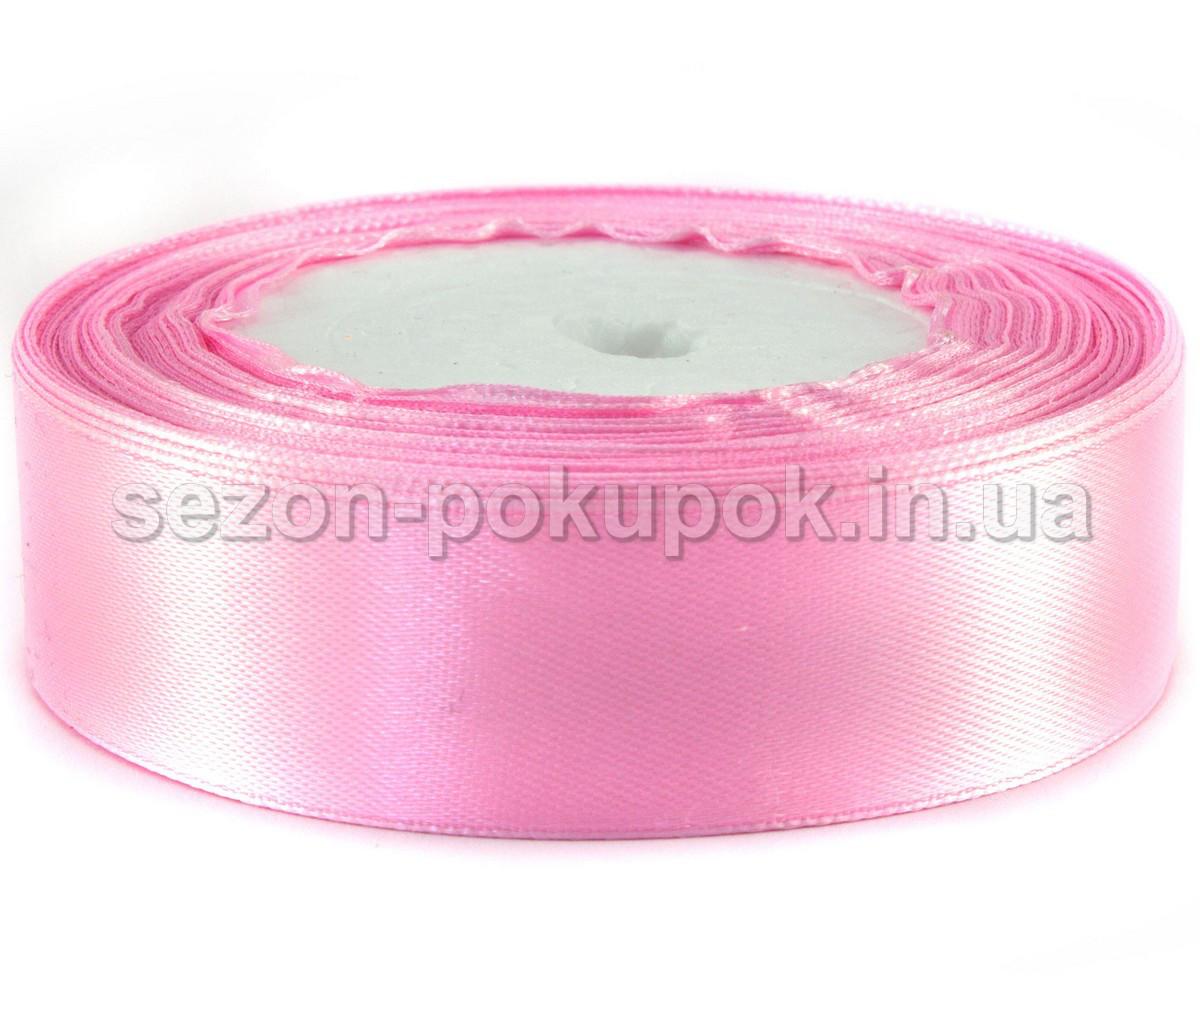 Лента атласная 23 метра 2.5 см. цвет - нежно розовый